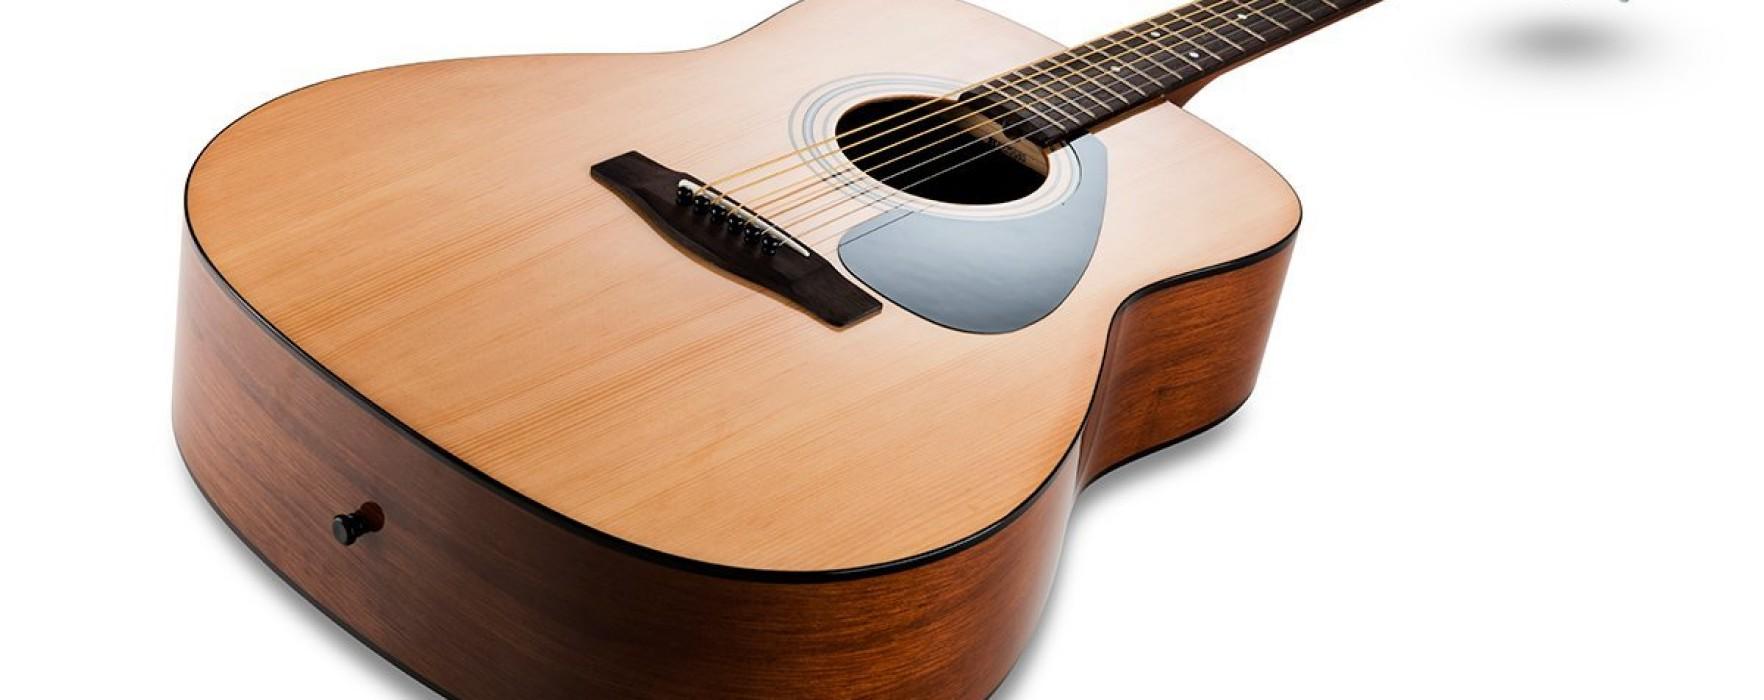 Yamaha F310 Full-Size Acoustic Guitar